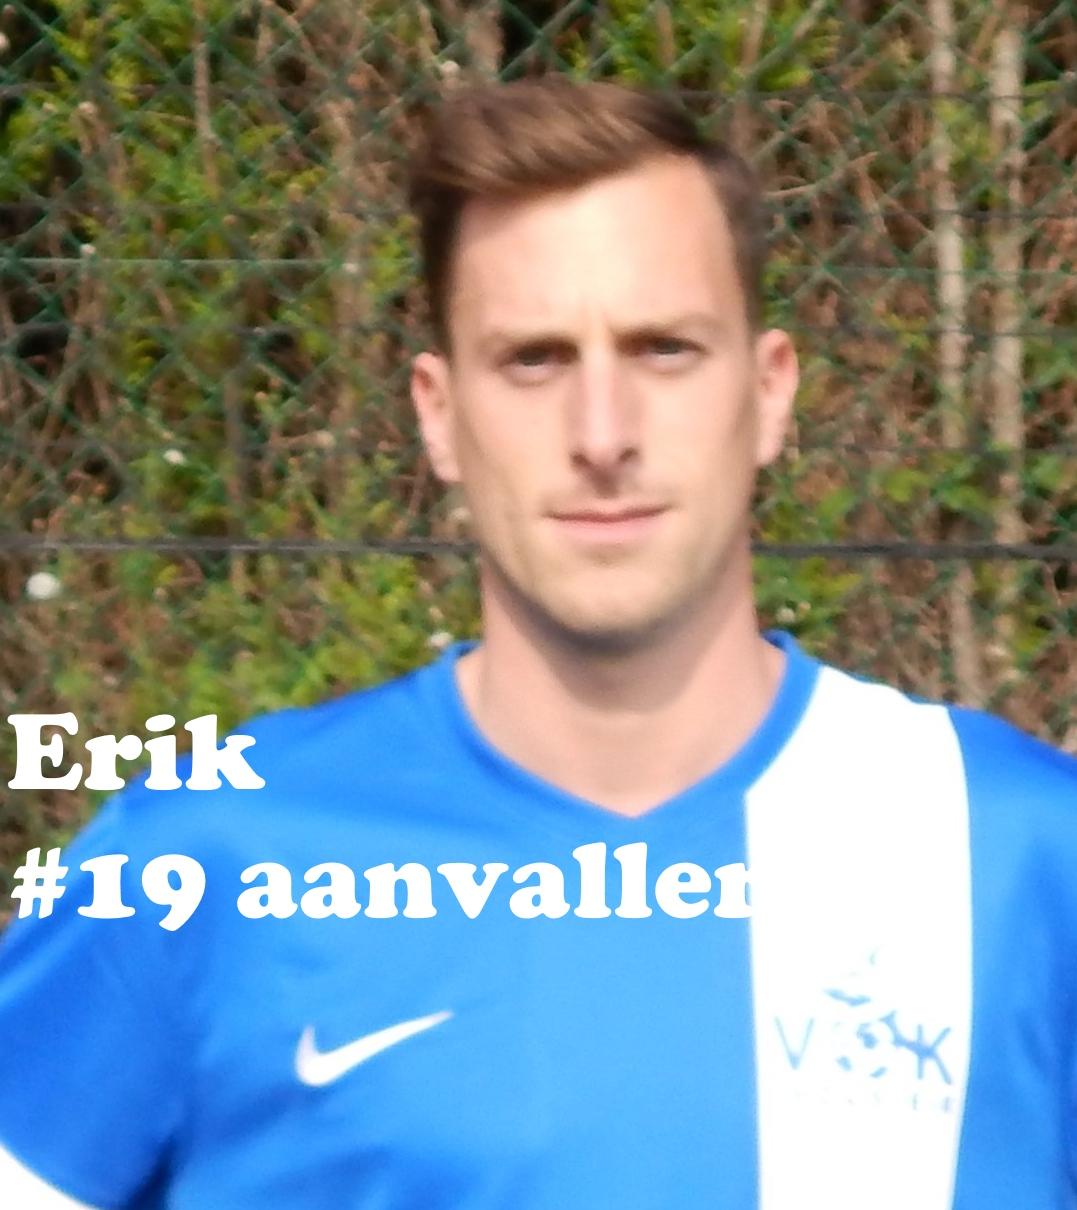 Erik - Aanvaller - 19.jpg